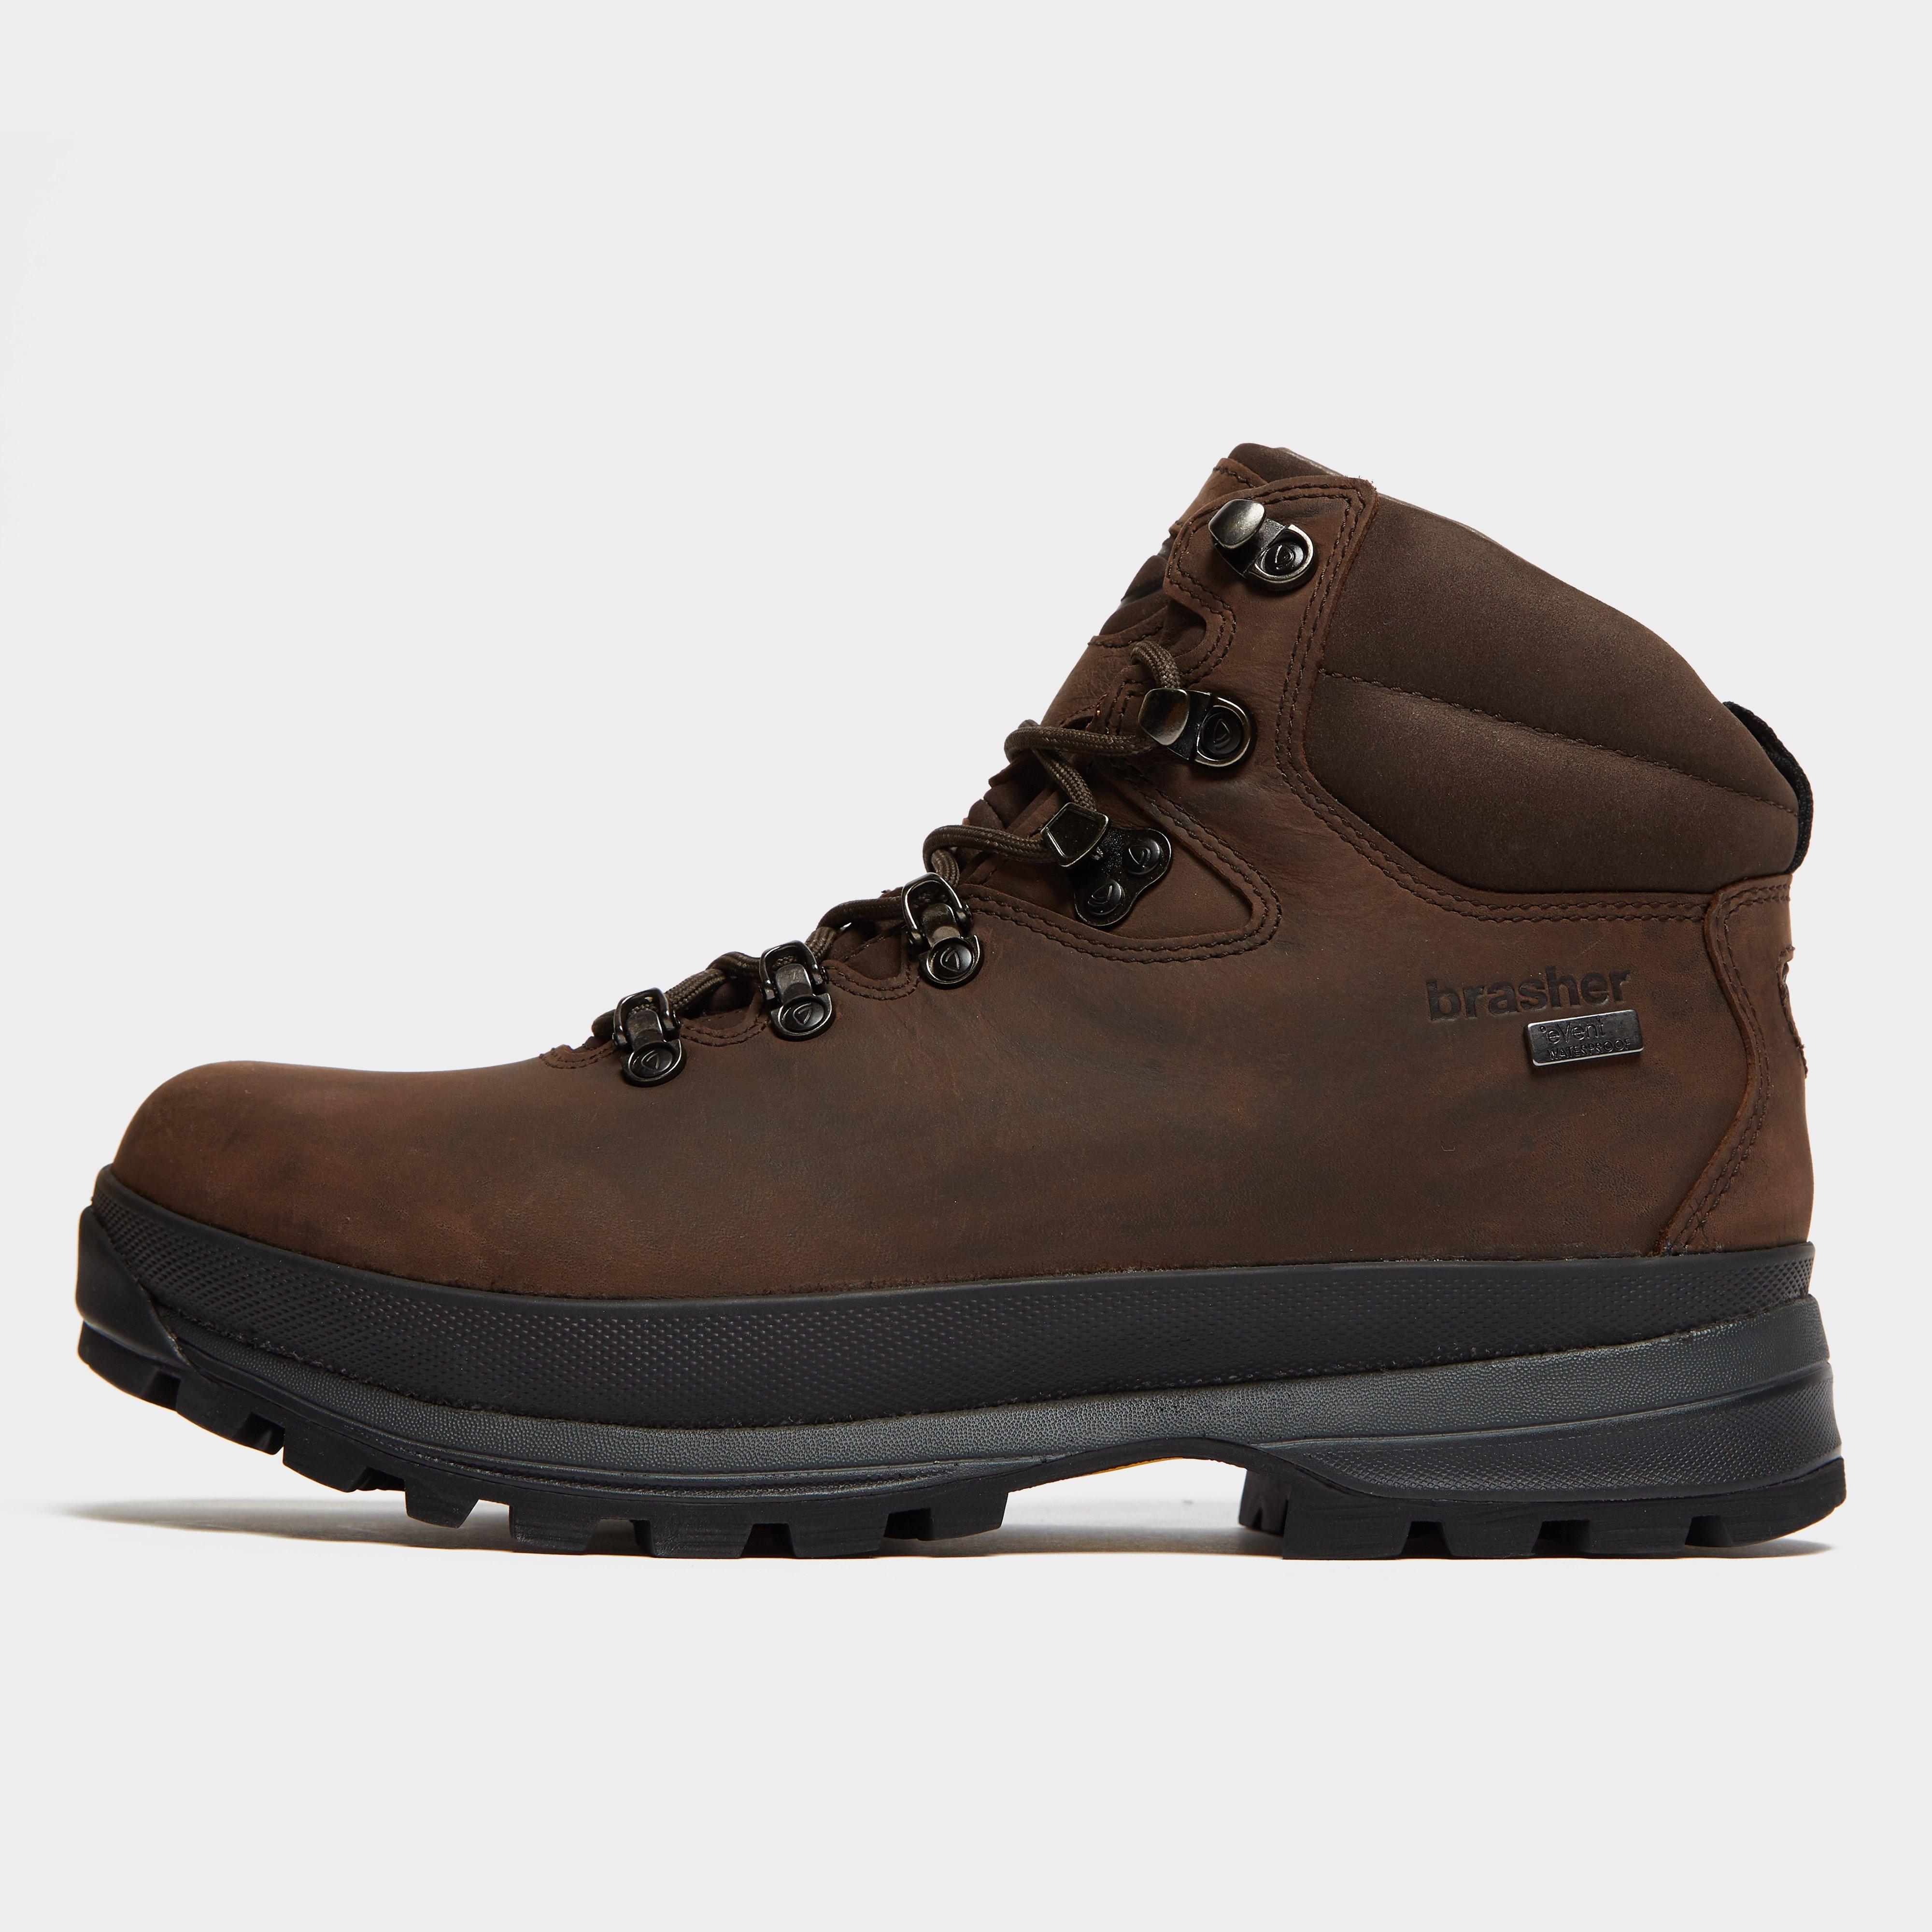 Brasher Men's Country Master Walking Boot - Brown, Brown